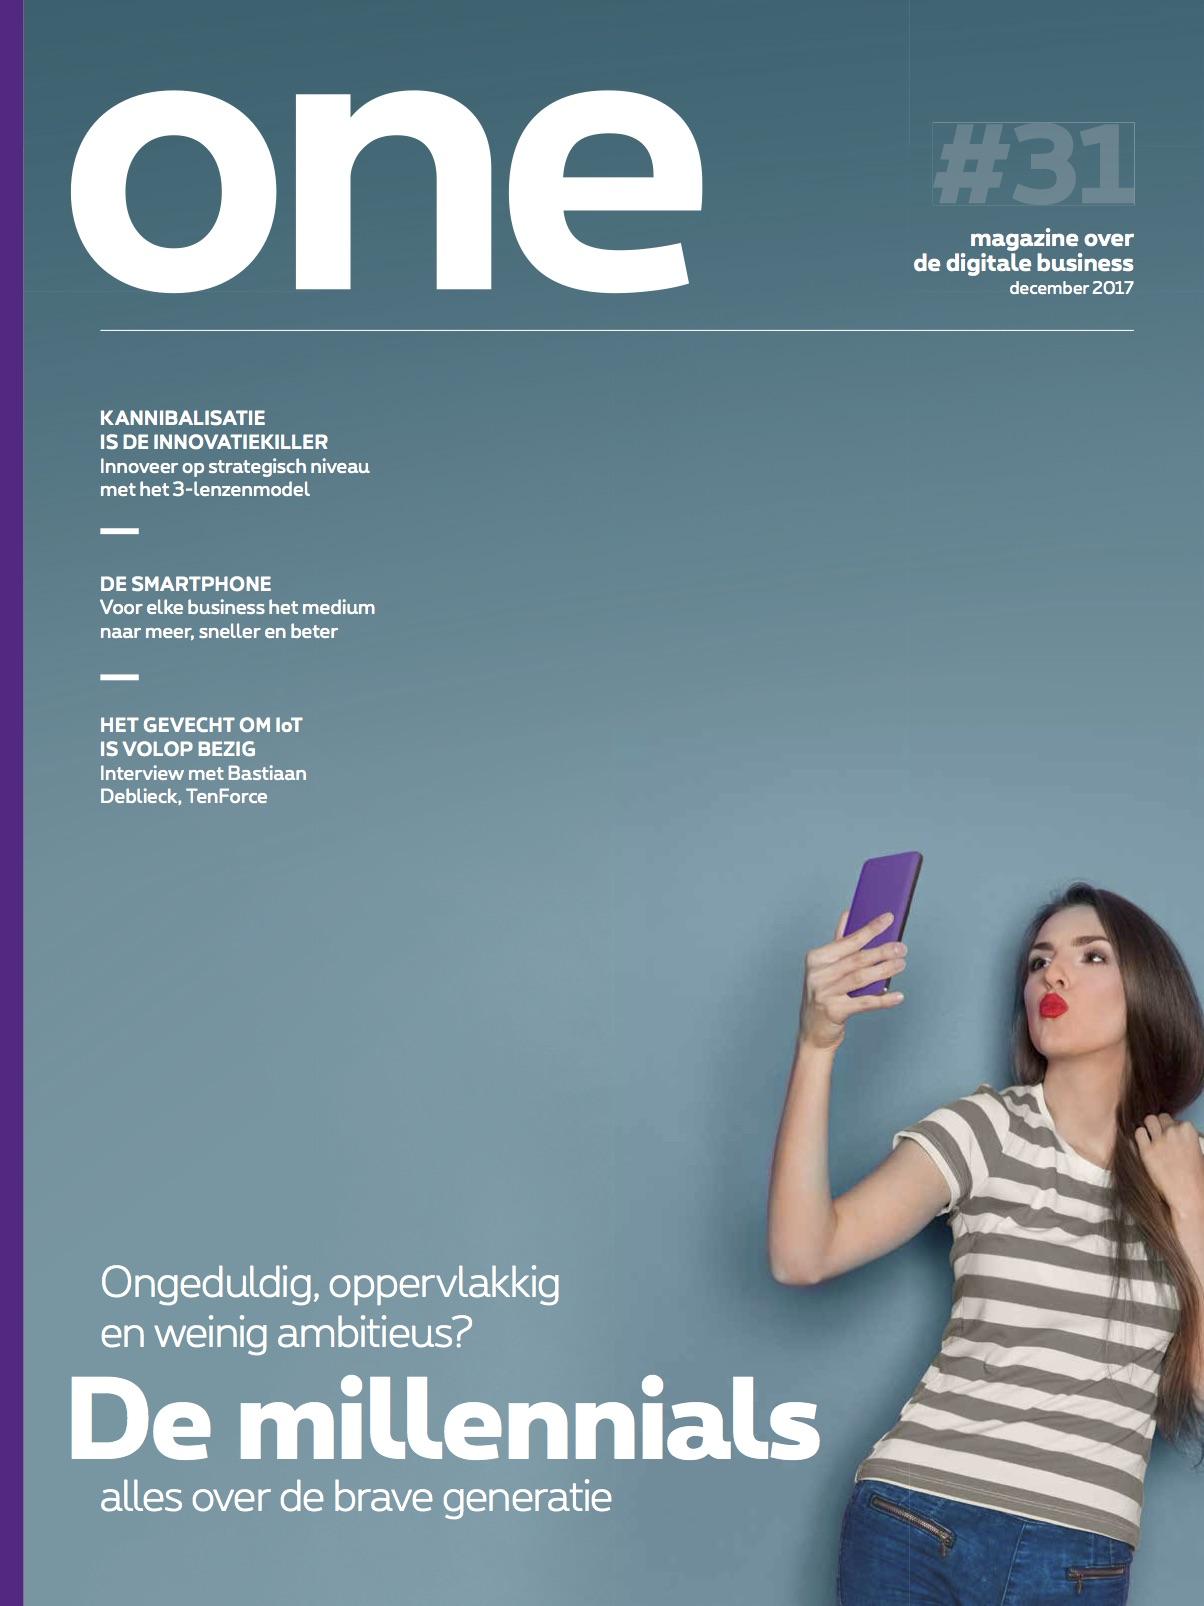 Proximus ONE - B2B magazine van Proximus, gericht op de CIO en ICT-beslissingnemers in grotere bedrijven. Redactie en interviews met CEO's.